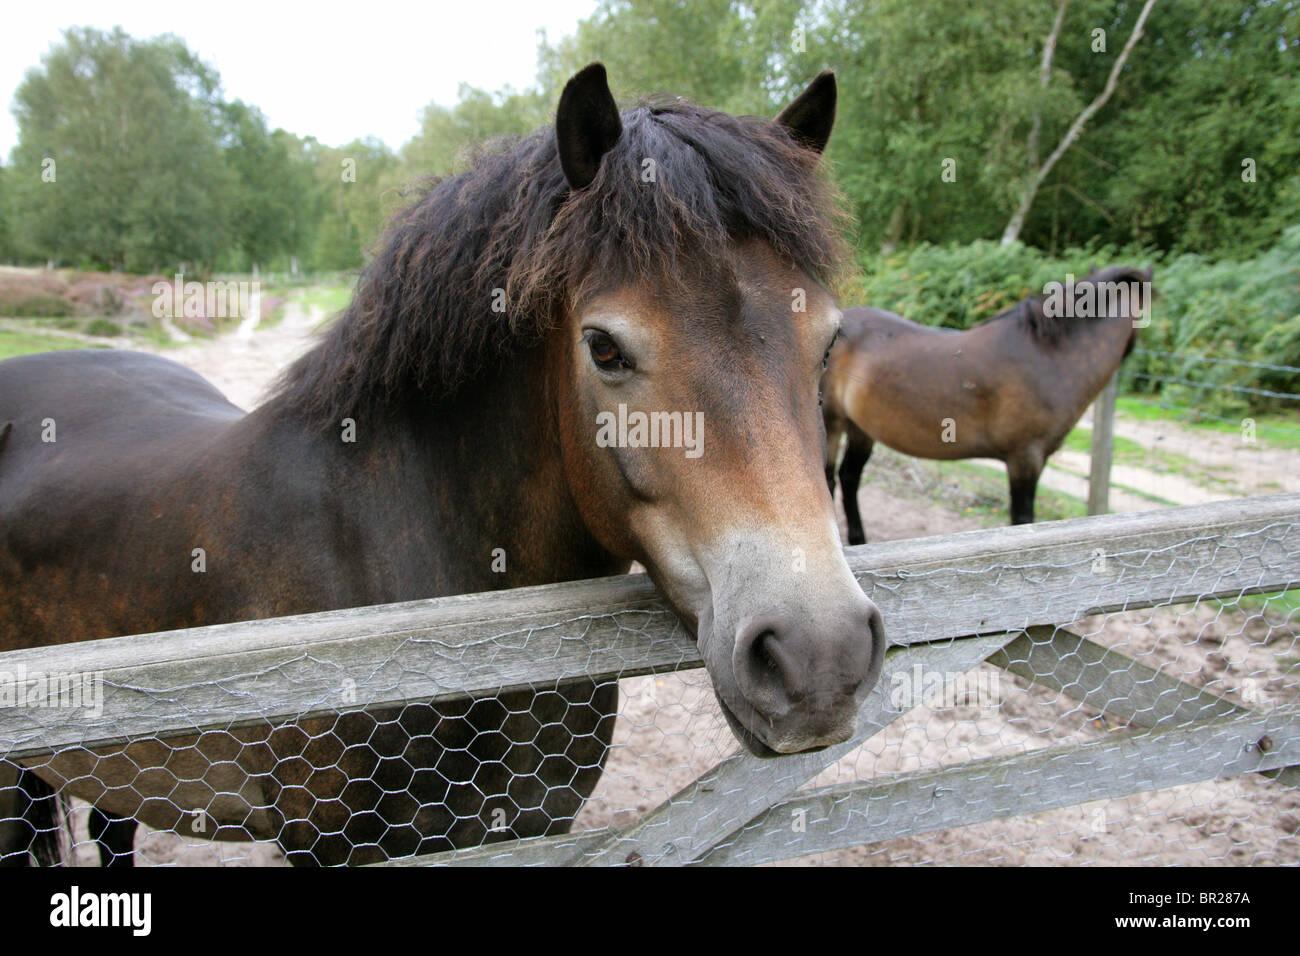 Exmoor Ponies, Rammamere Heath SSSI, Bedfordshire. Rare, Endangered Breed of Horse, Equus ferus caballus, Equidae. - Stock Image